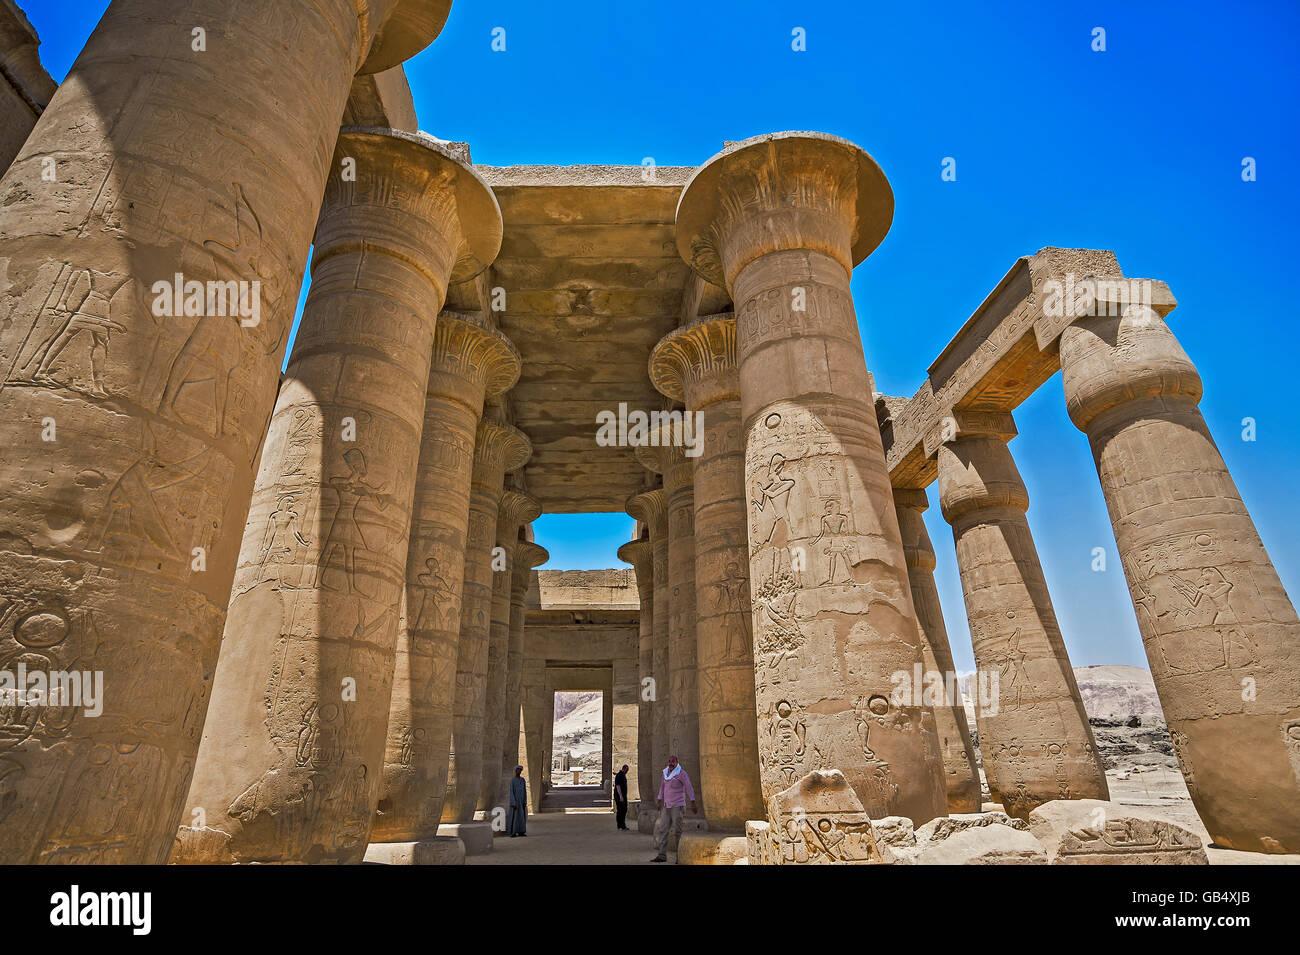 Arcade, Ramesseum, Templo de Luxor, Egipto Imagen De Stock